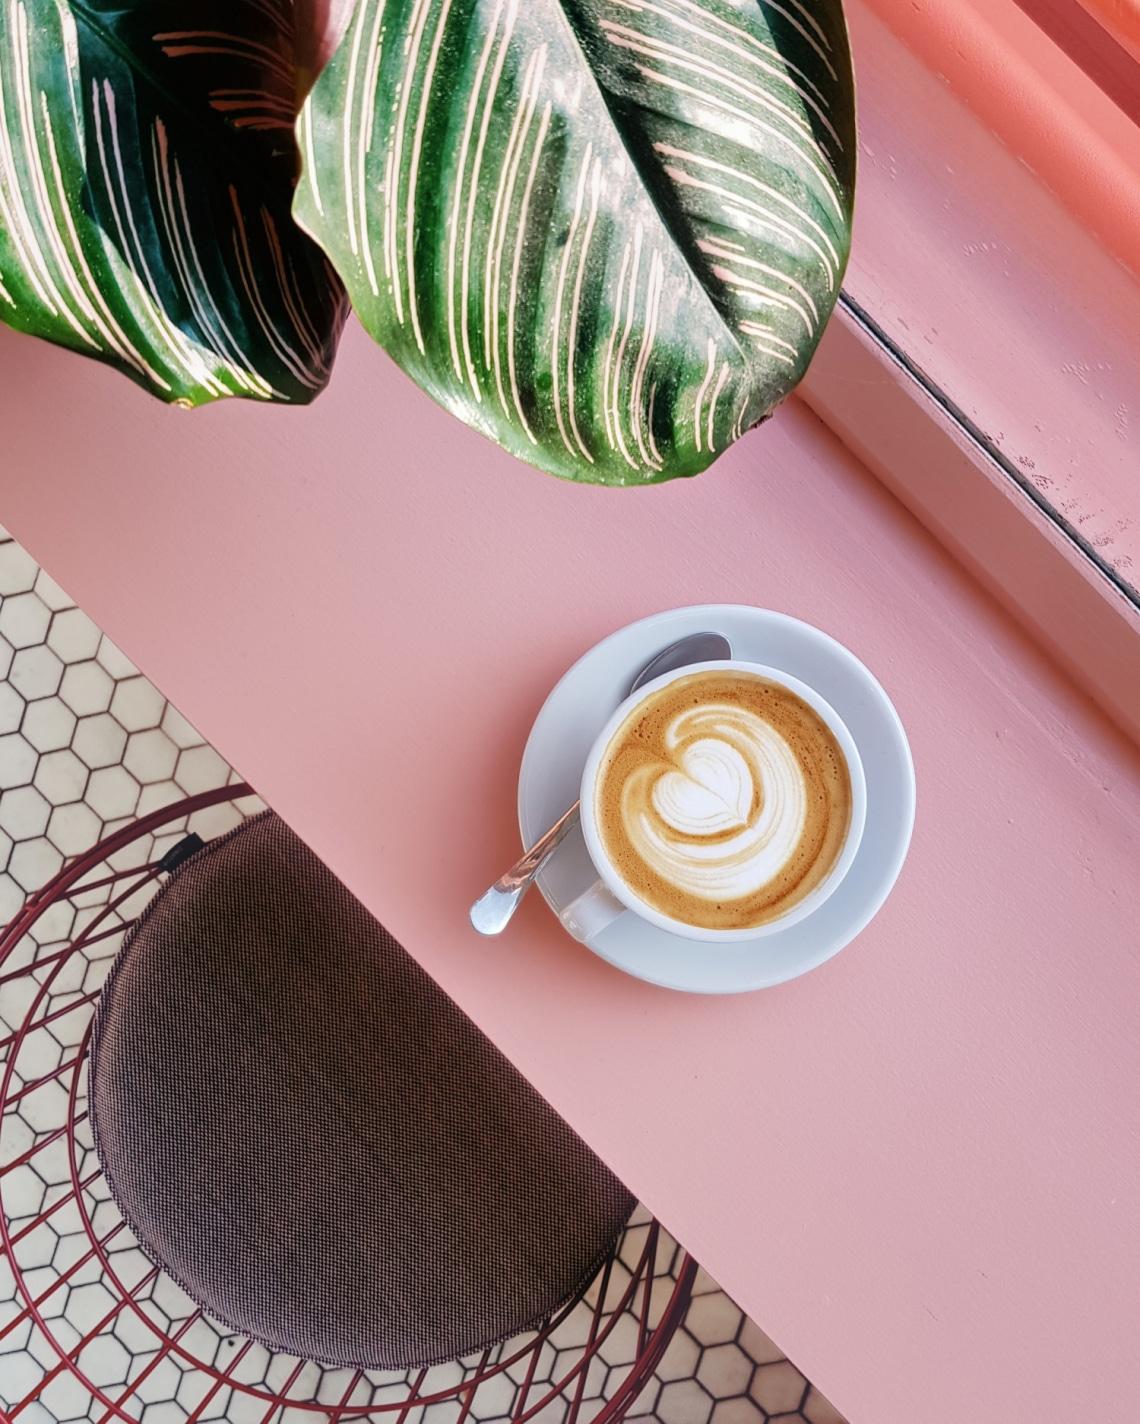 Szereted a kávét? Add meg a módját, hogyan fogyasztod! 10 hangulatos kávé-zóna otthon